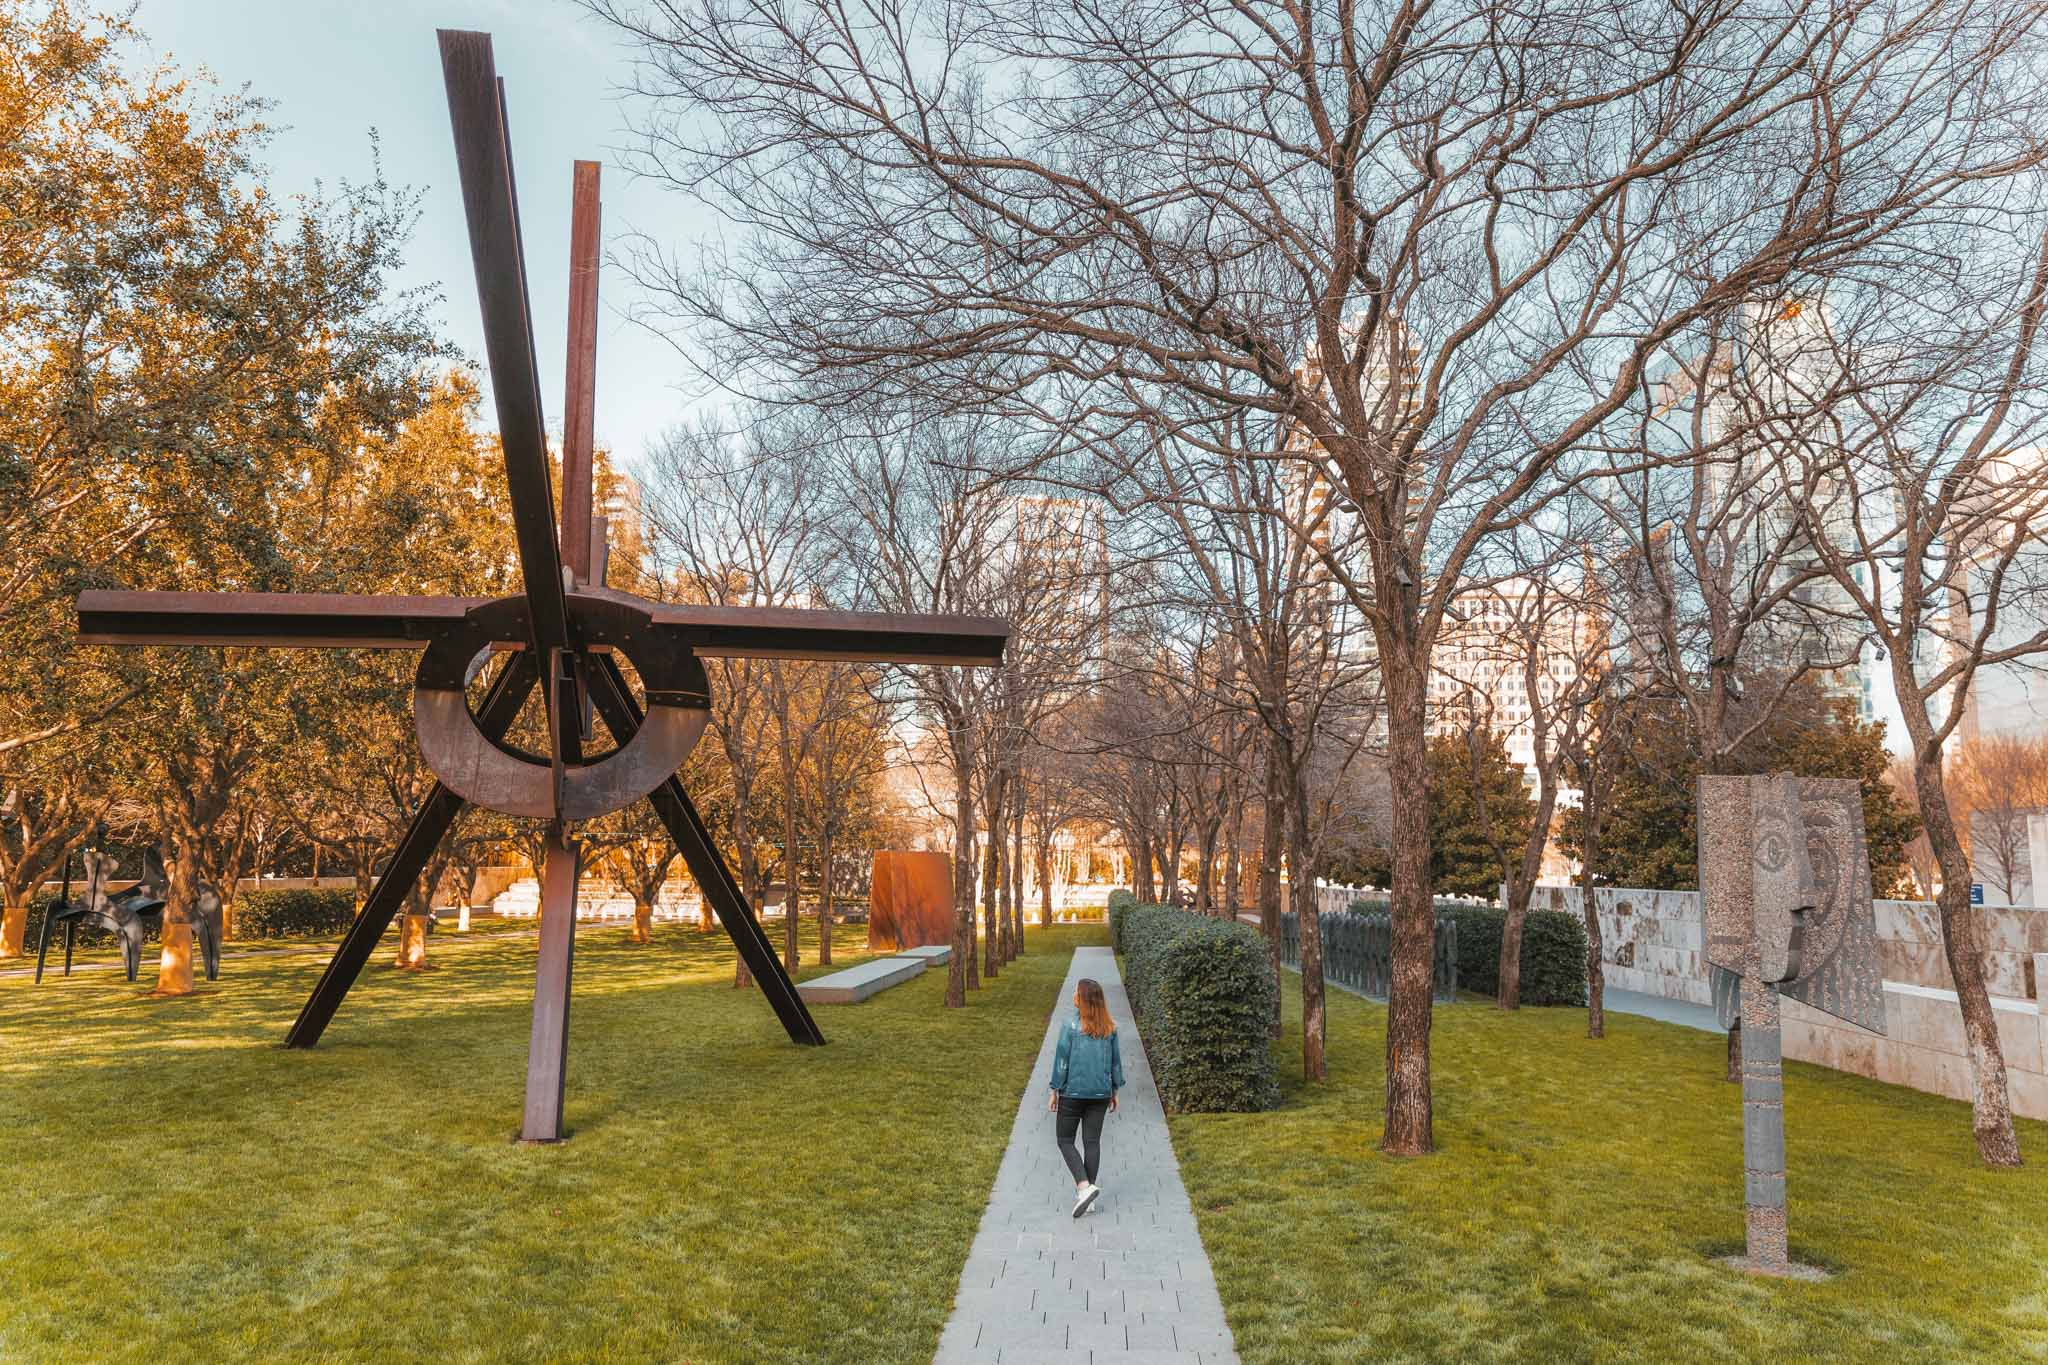 Outdoor sculpture garden at Nasher Sculpture Center, Dallas, Texas